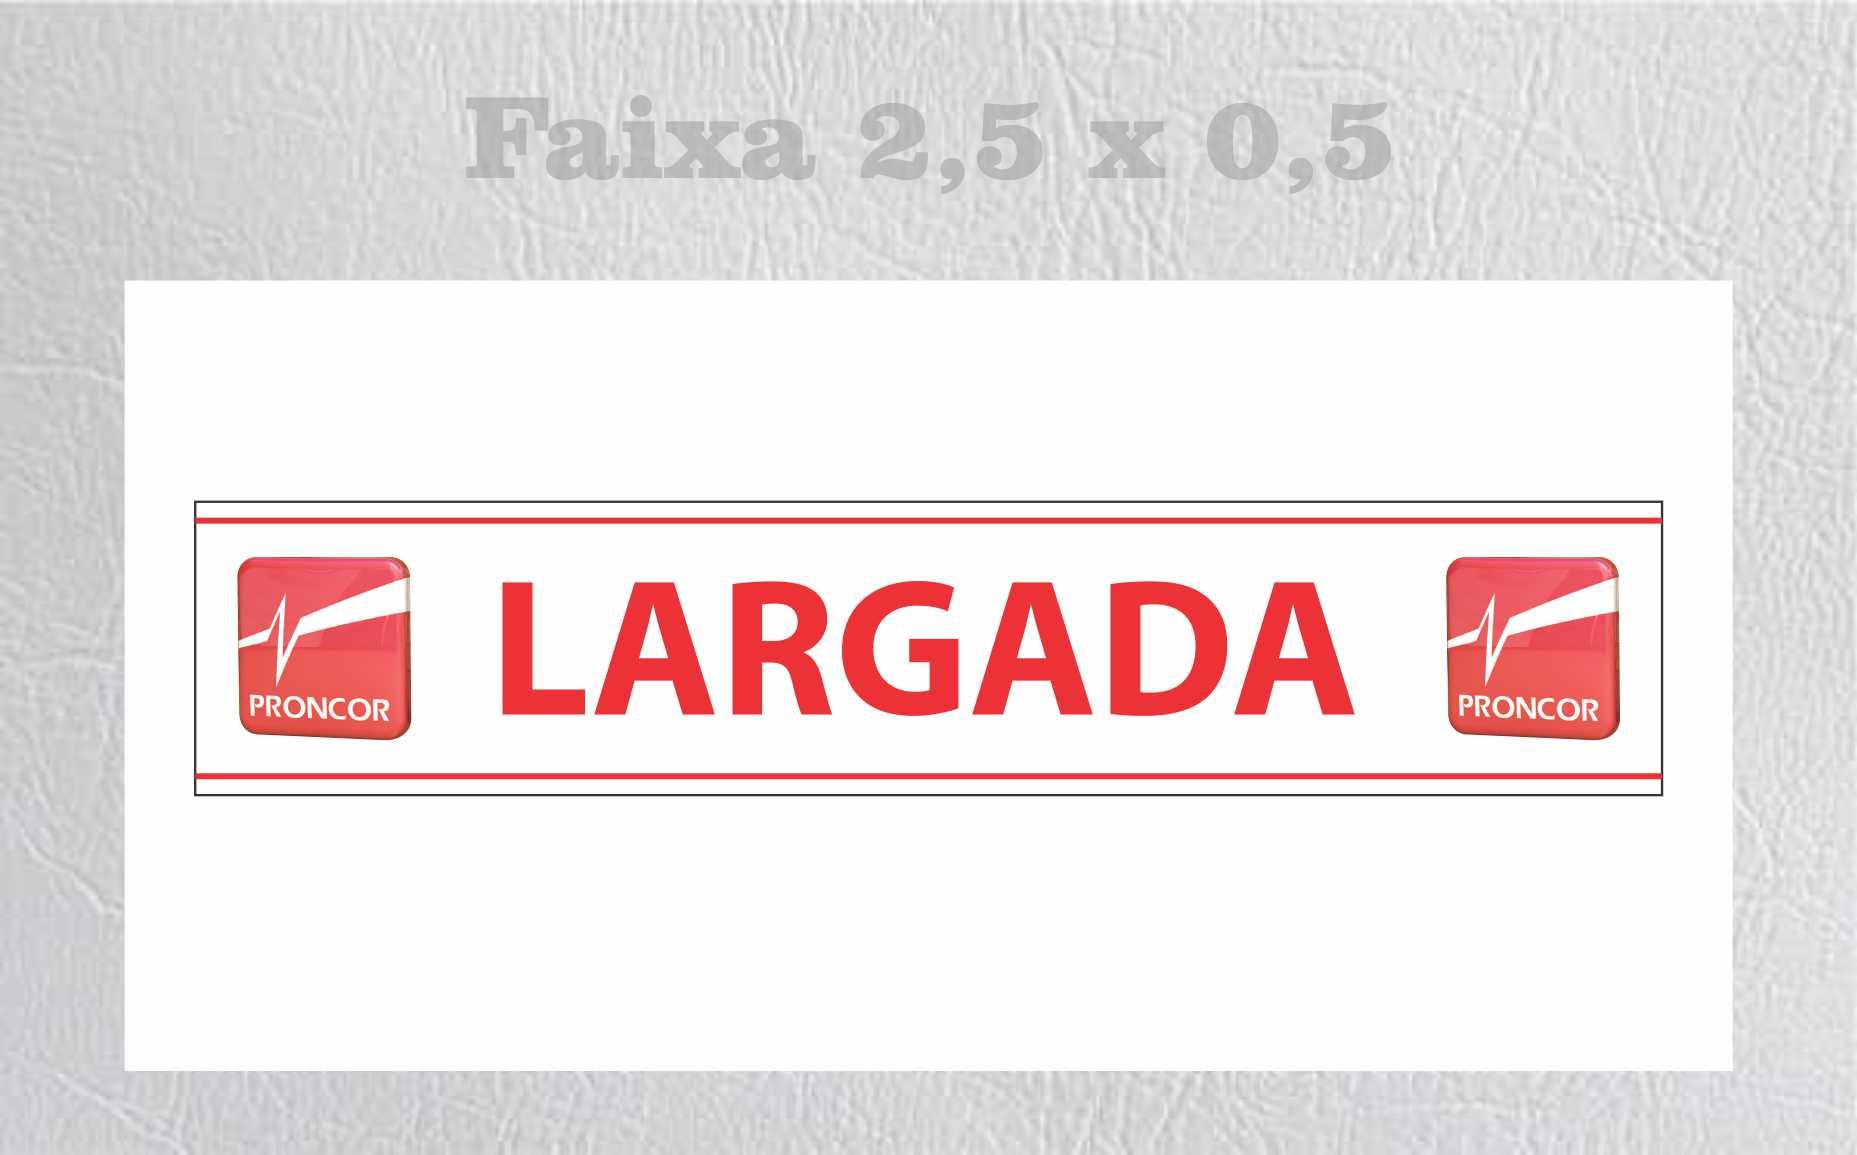 FAIXA LARGADA